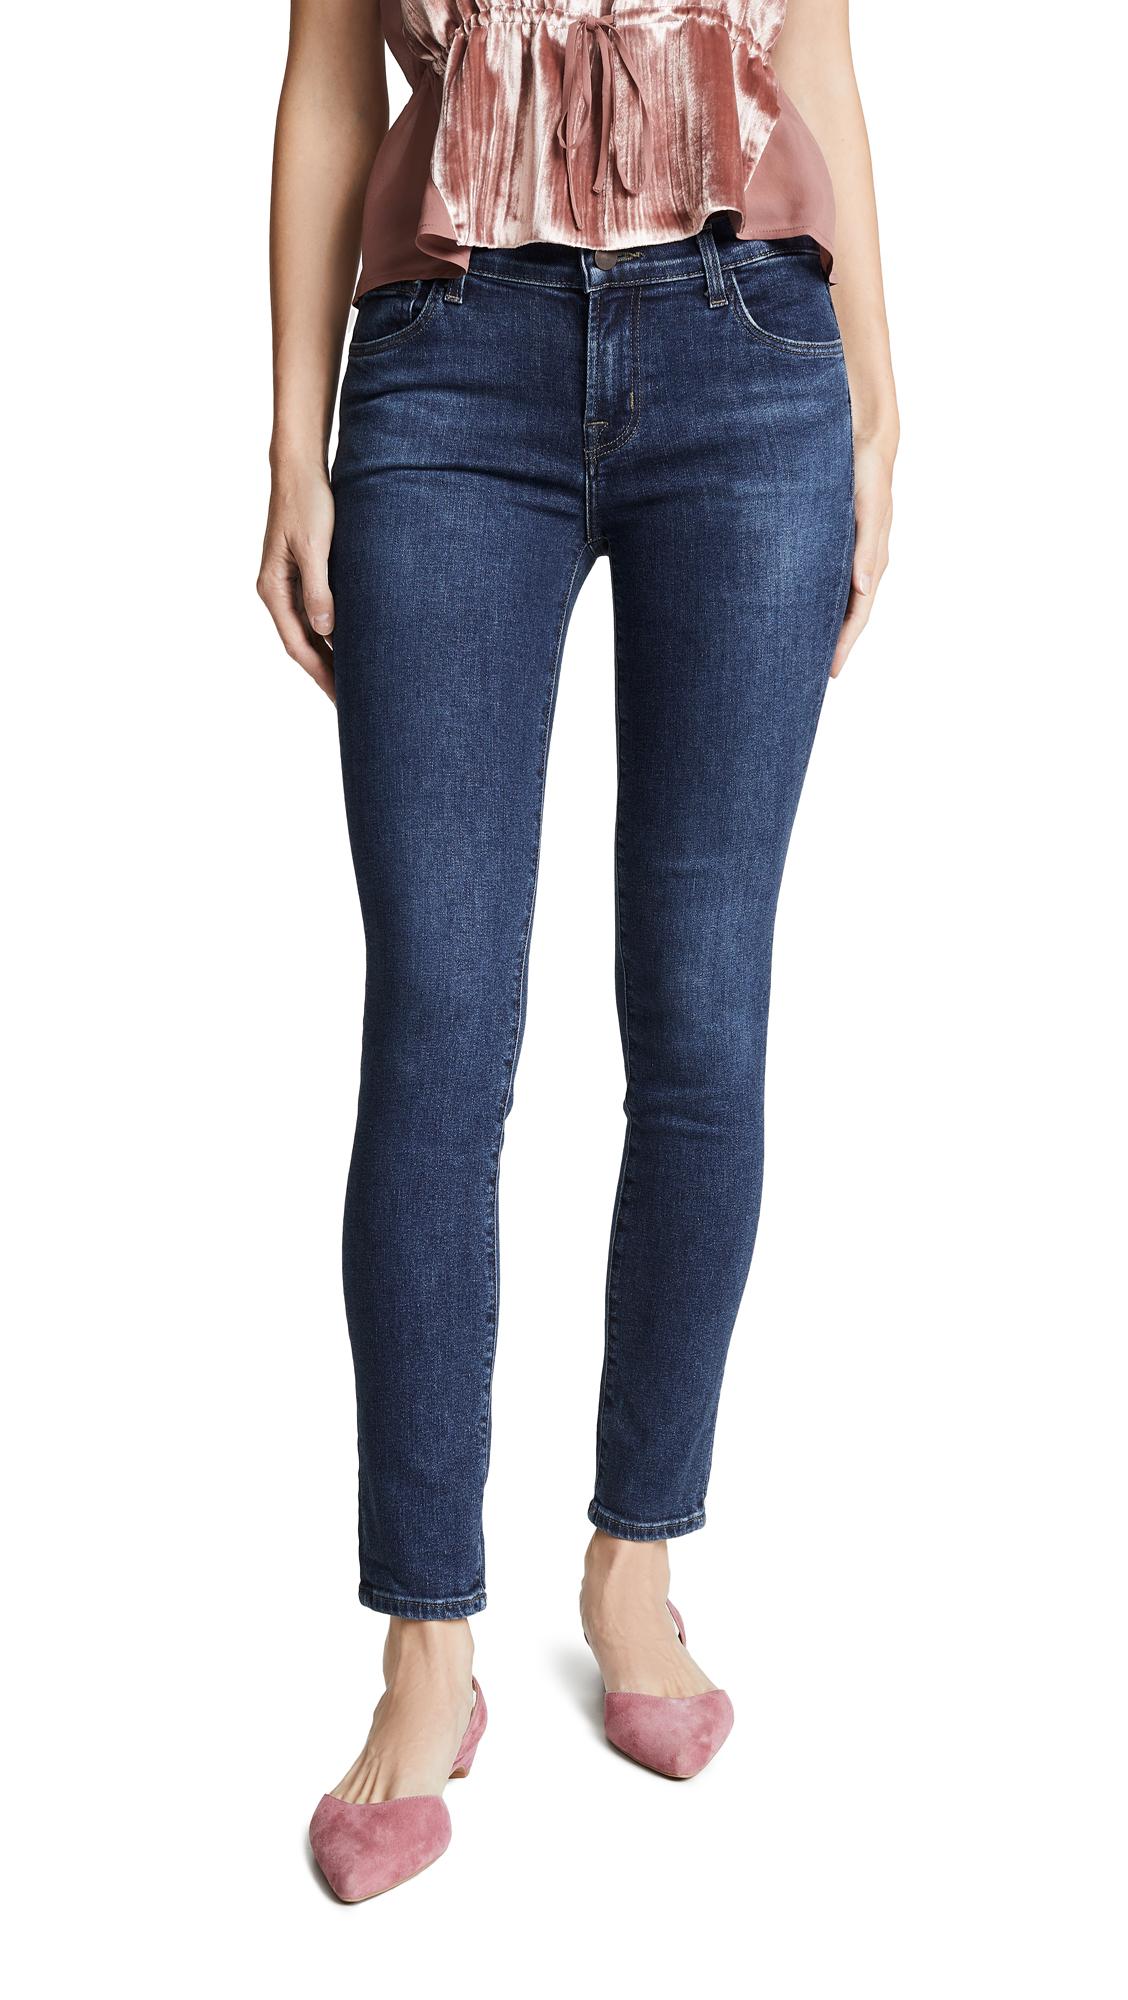 J Brand 811 Mid Rise Skinny Jeans In Moral